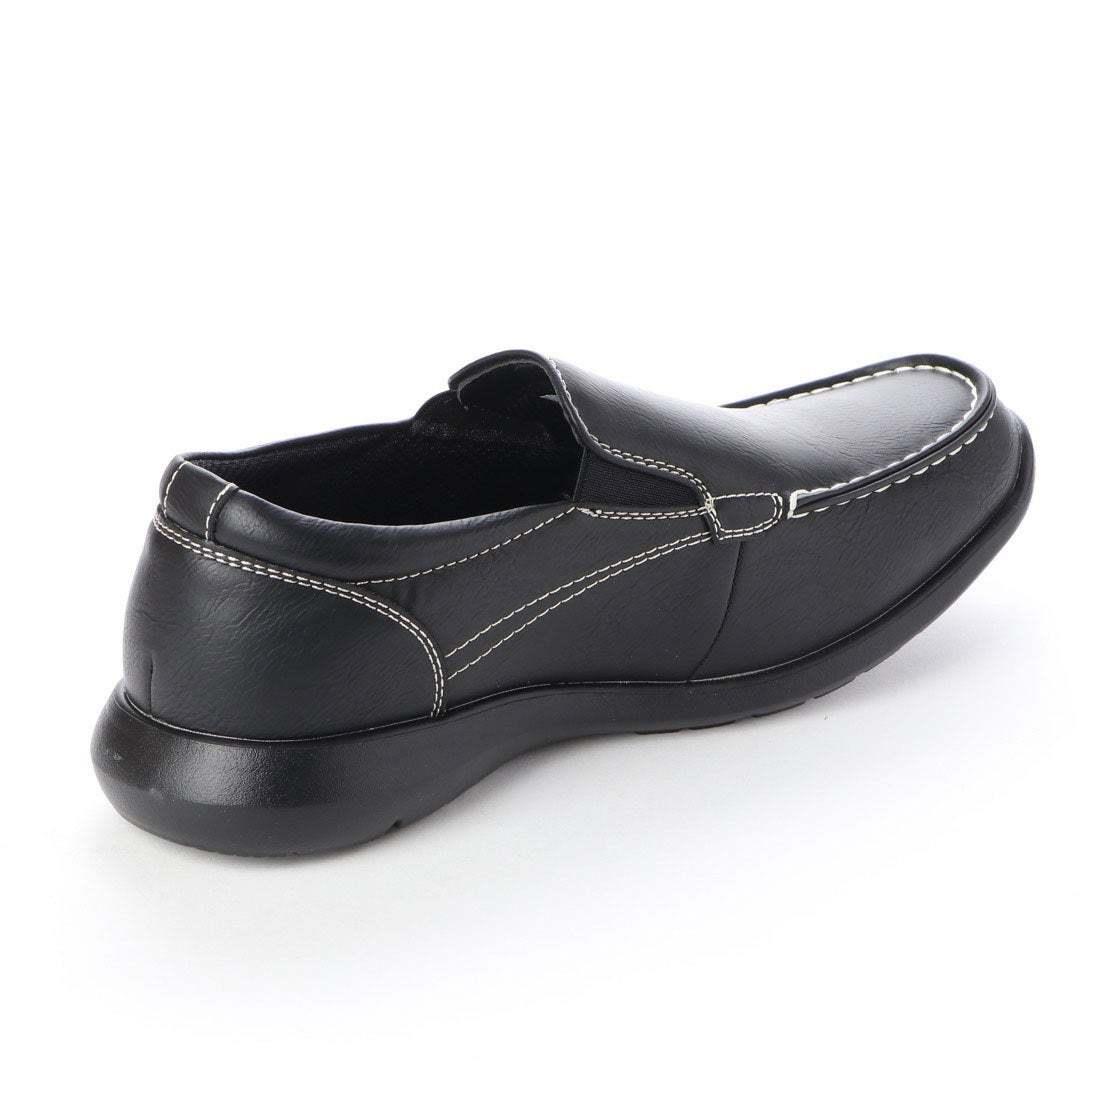 【安い】【超軽量】【防水】【幅広】GRAVITY FREE メンズ ウォーキング ビジネスシューズ 紳士靴 革靴 606 スリッポン ブラック 黒 25.5cm